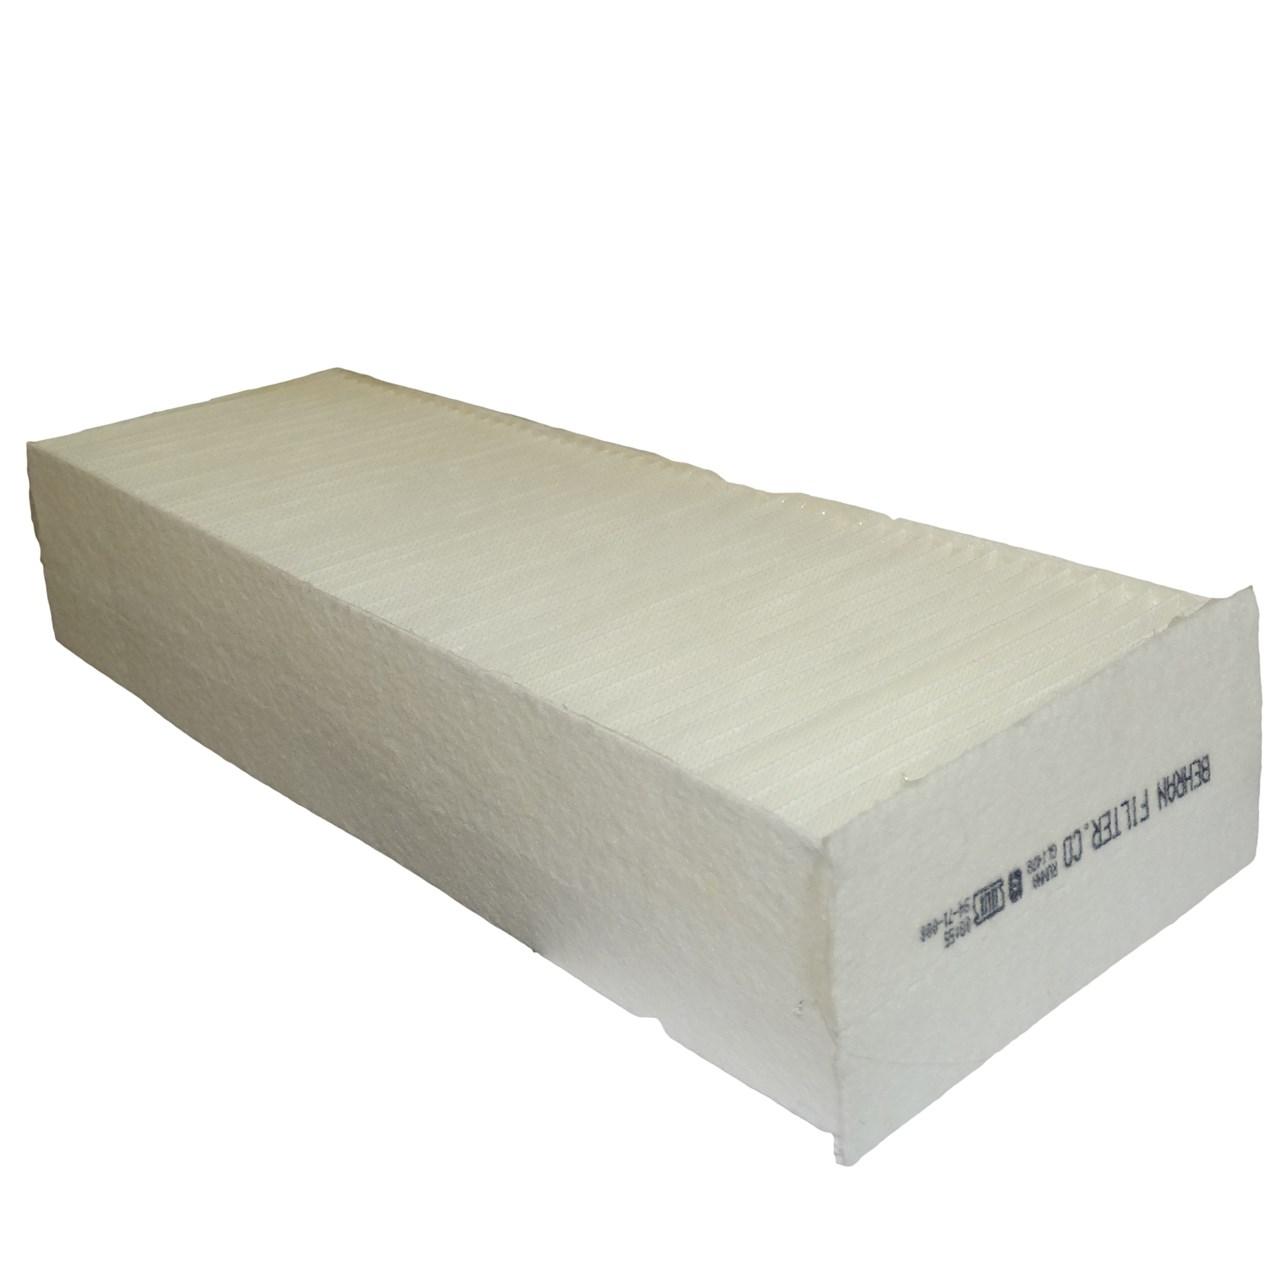 فیلتر کابین خودرو بهران فیلتر مدل GL1428 مناسب برای رانا